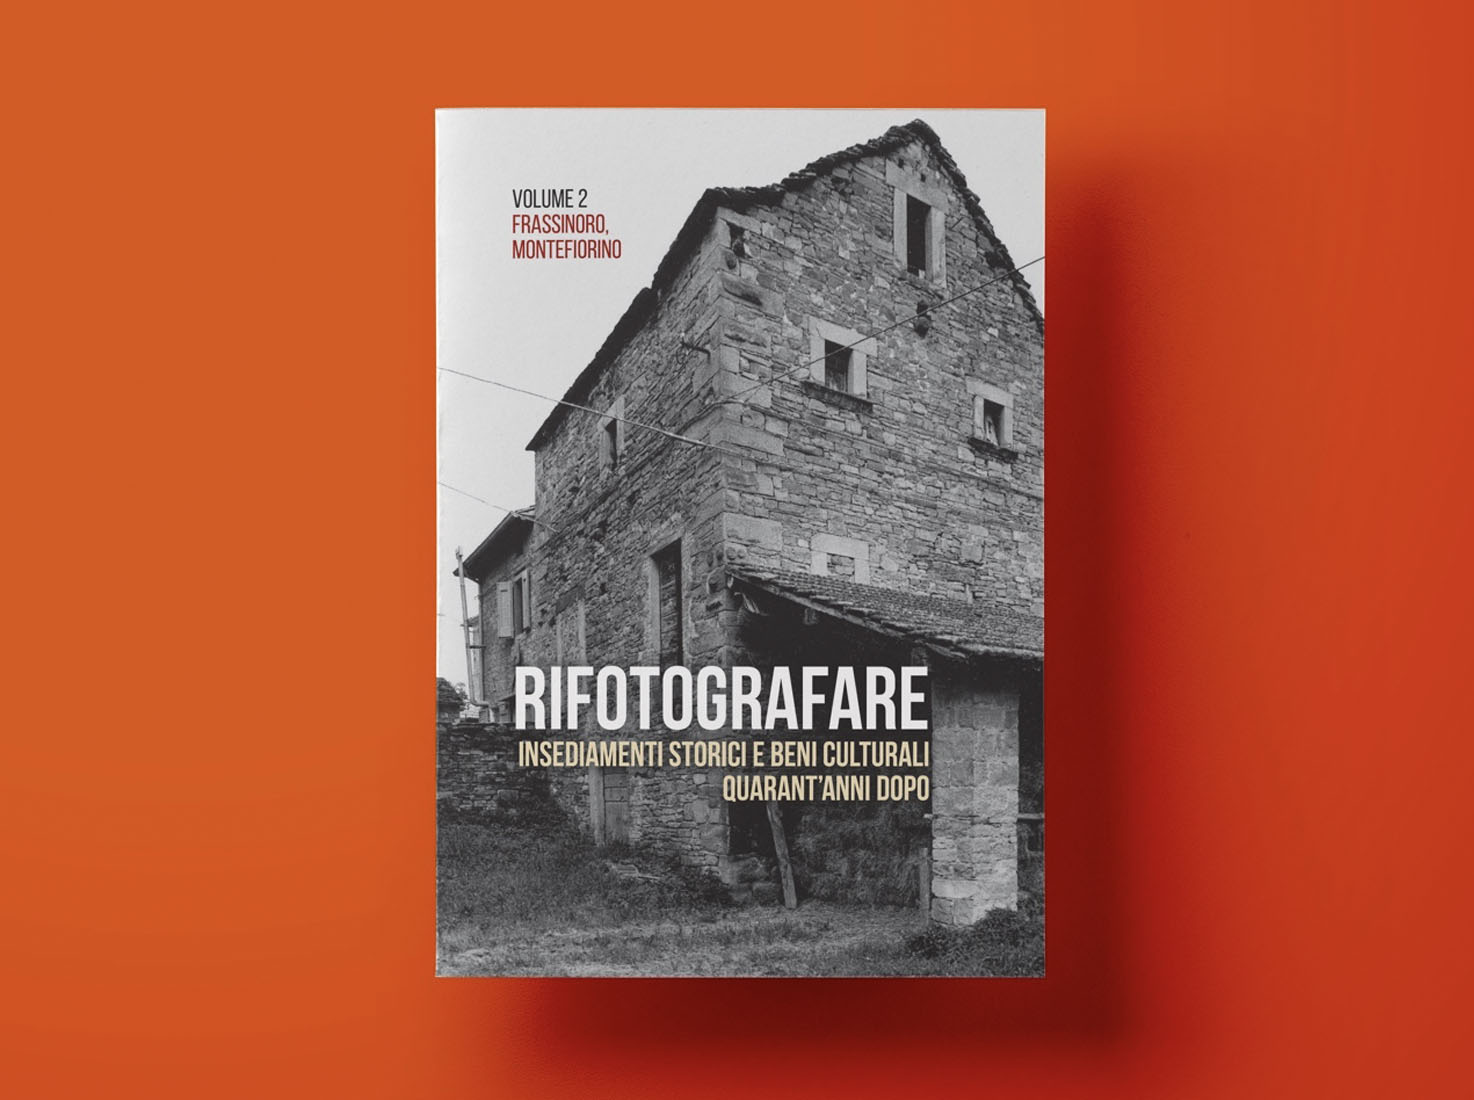 Rifotografare Montefiorino Frassinoro